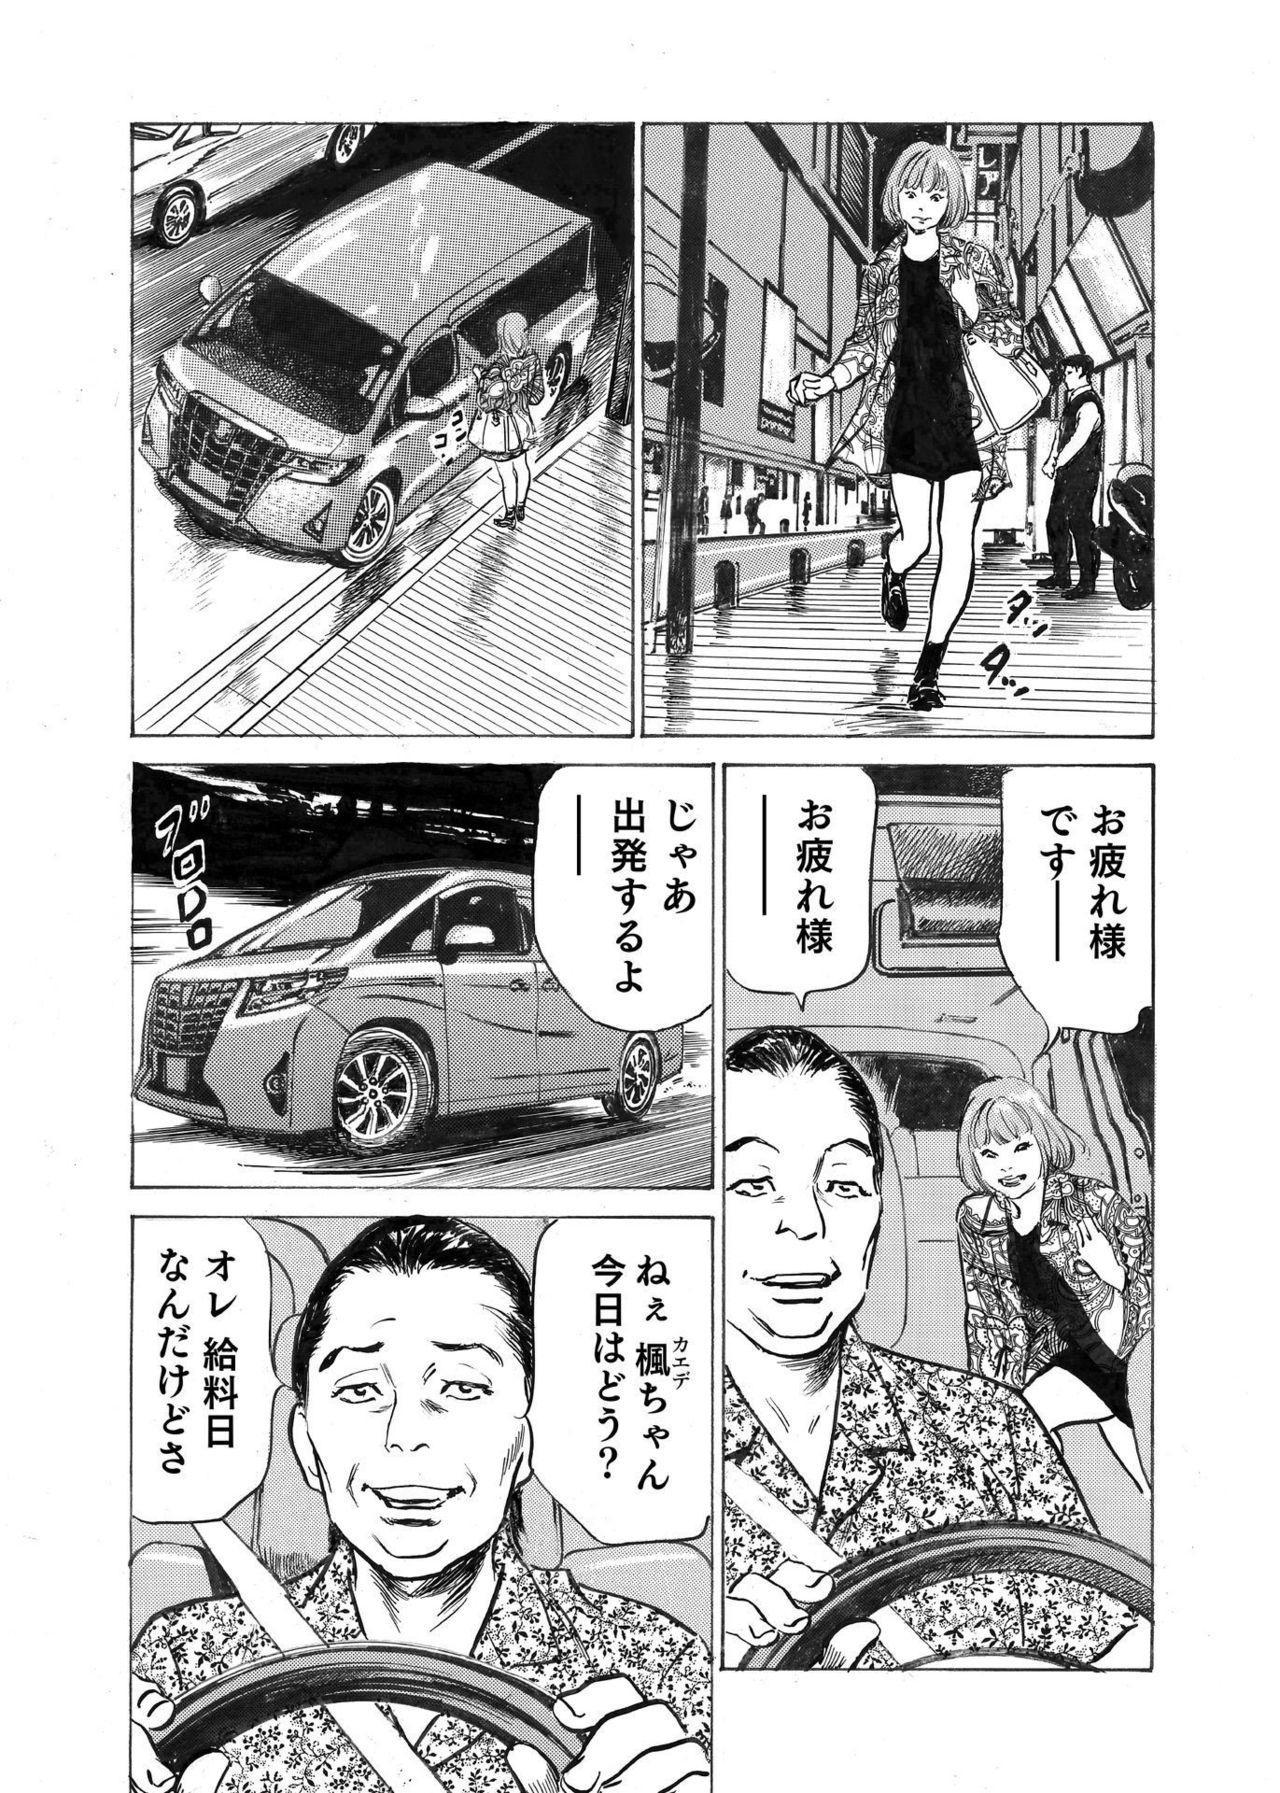 Ore wa Tsuma no Koto o Yoku Shiranai 1-9 85